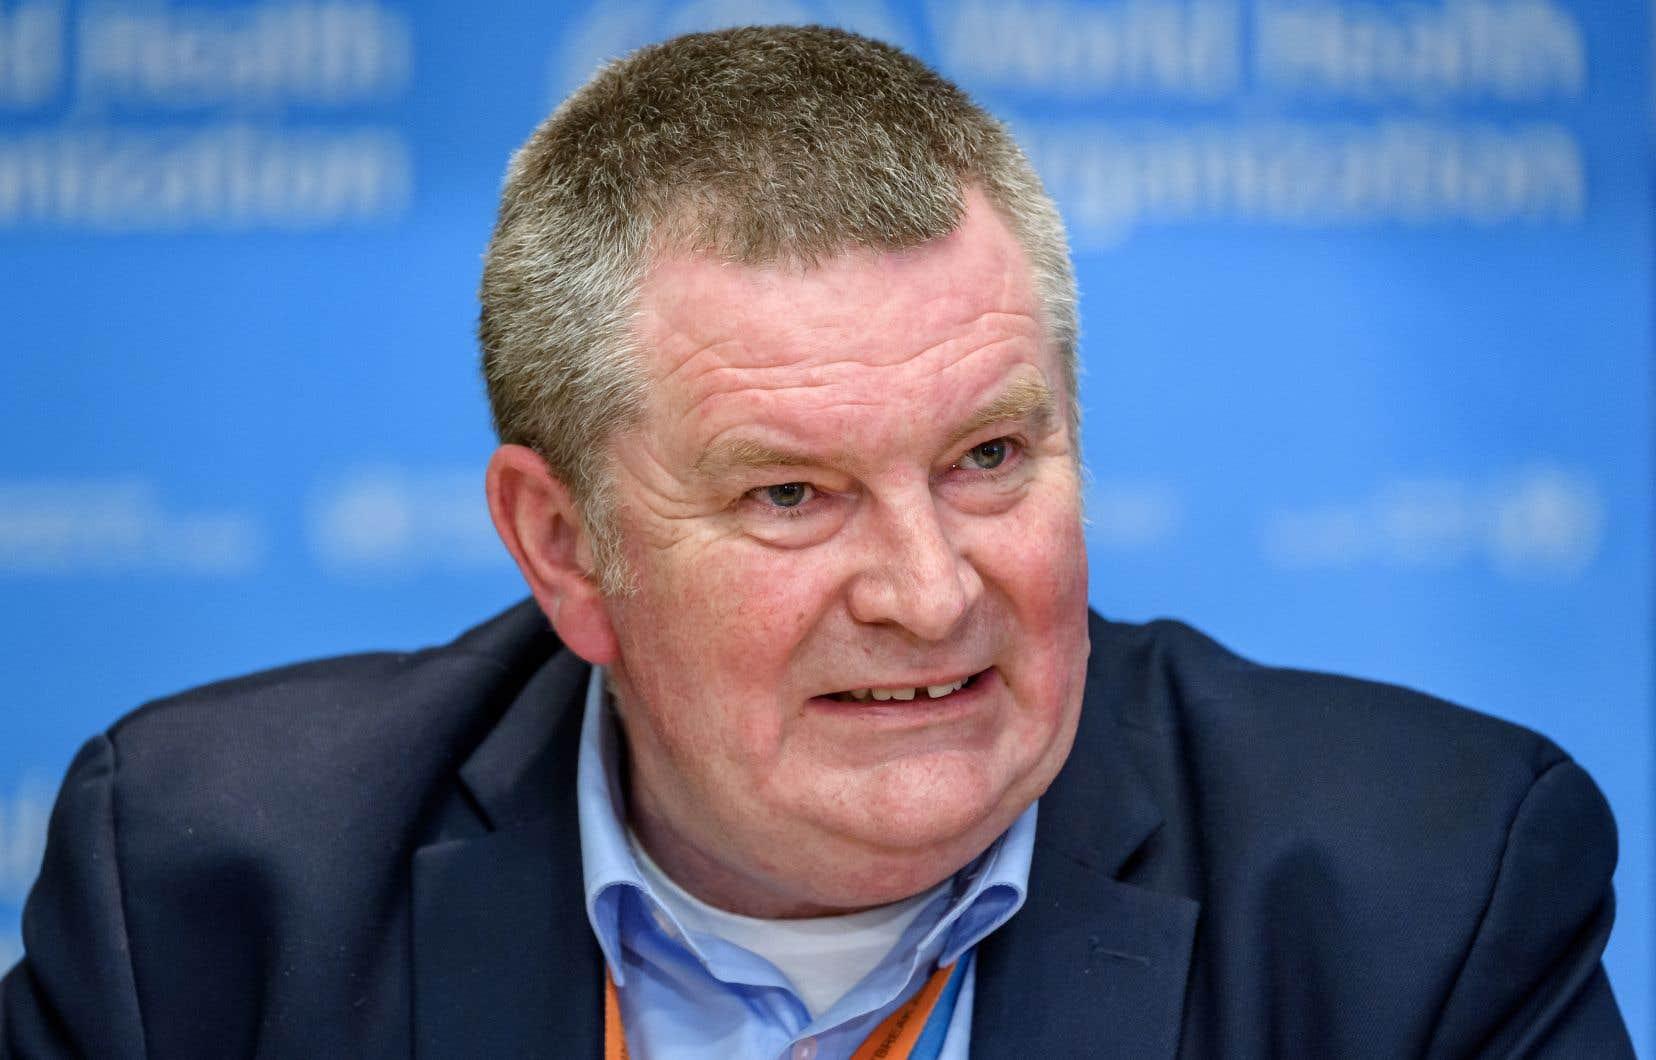 Le directeur des programmes d'urgence de l'Organisation mondiale de la santé, Michael Ryan